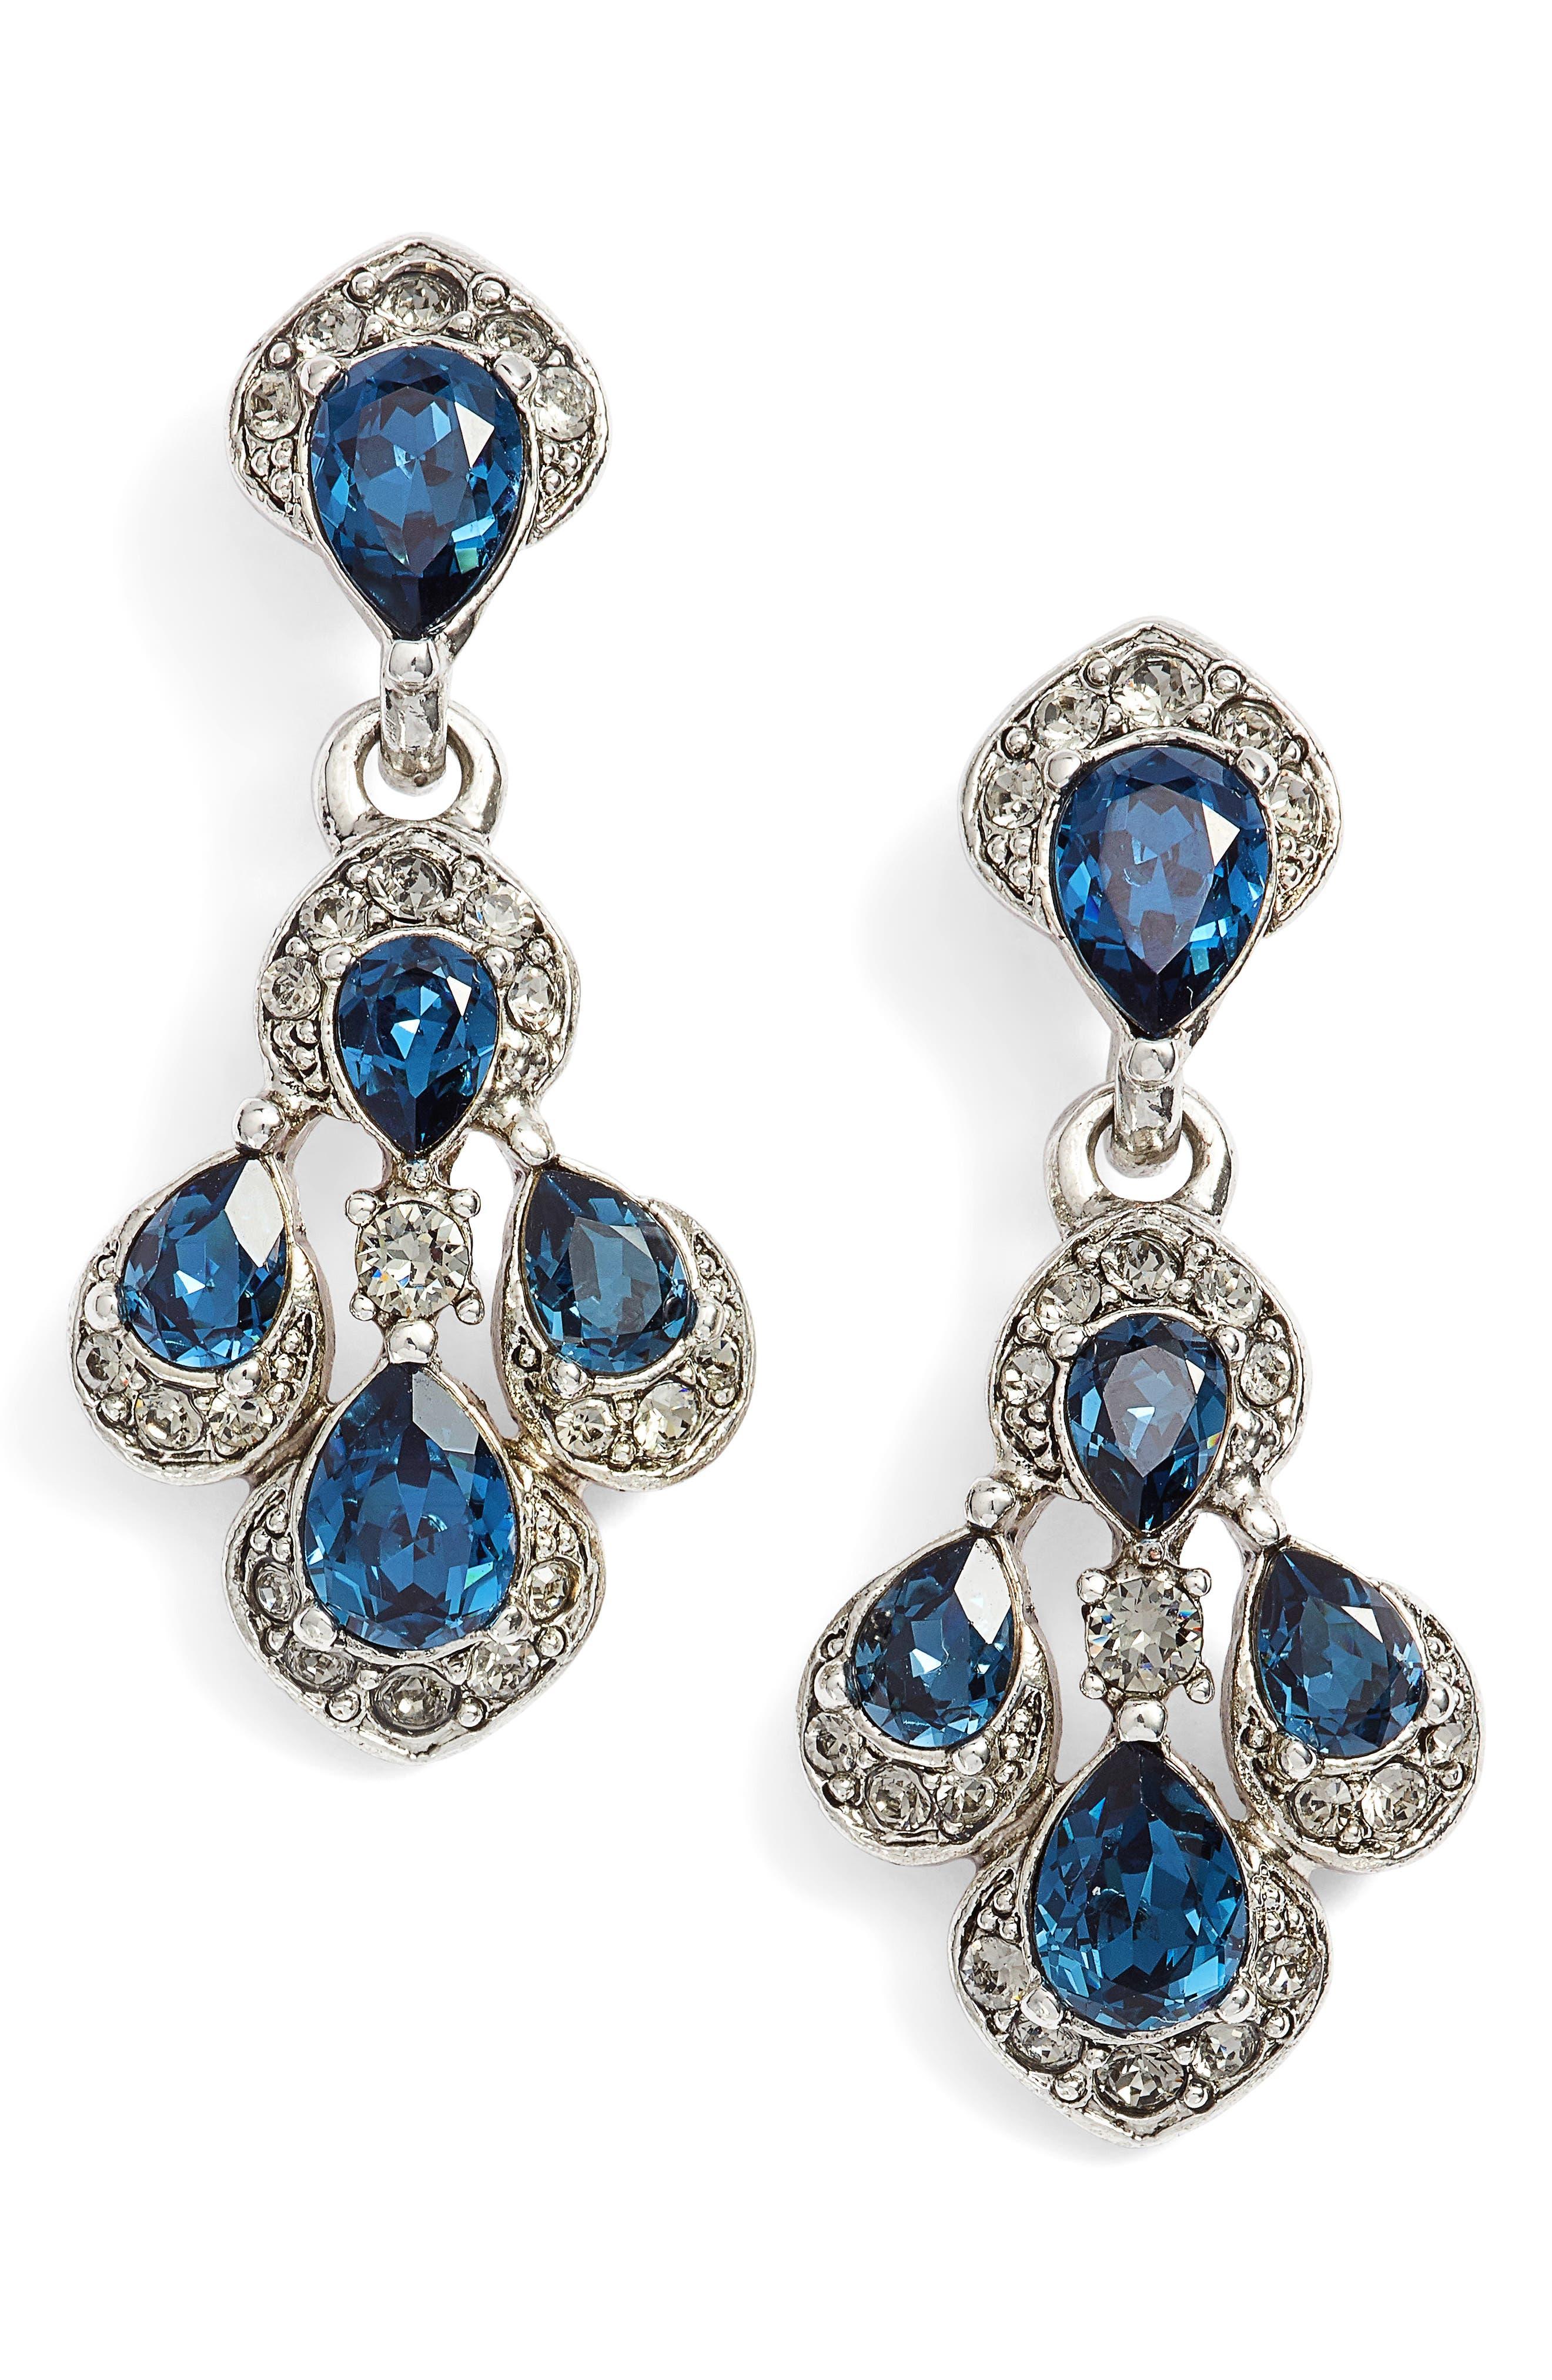 Parlor Drop Earrings,                         Main,                         color, Antique Silver